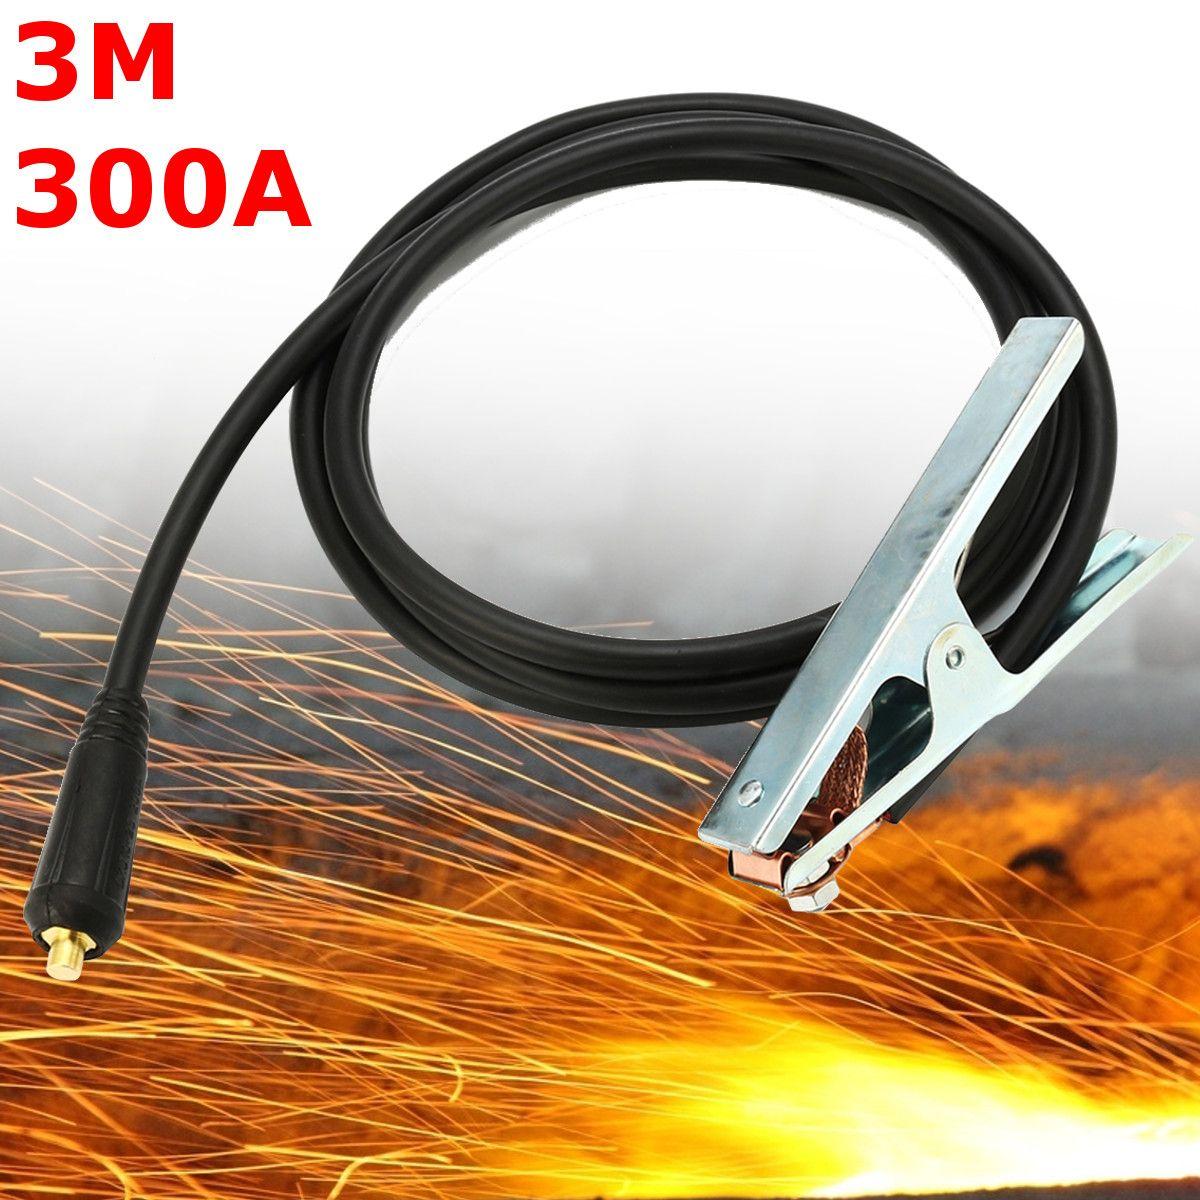 300A Groud De Soudage câble de masse Pince Clip Pour MIG TIG soudeuse à l'arc 3 M/Câble 10-25 Plug Titulaire De Soudure de soudage À Souder Tool Supply